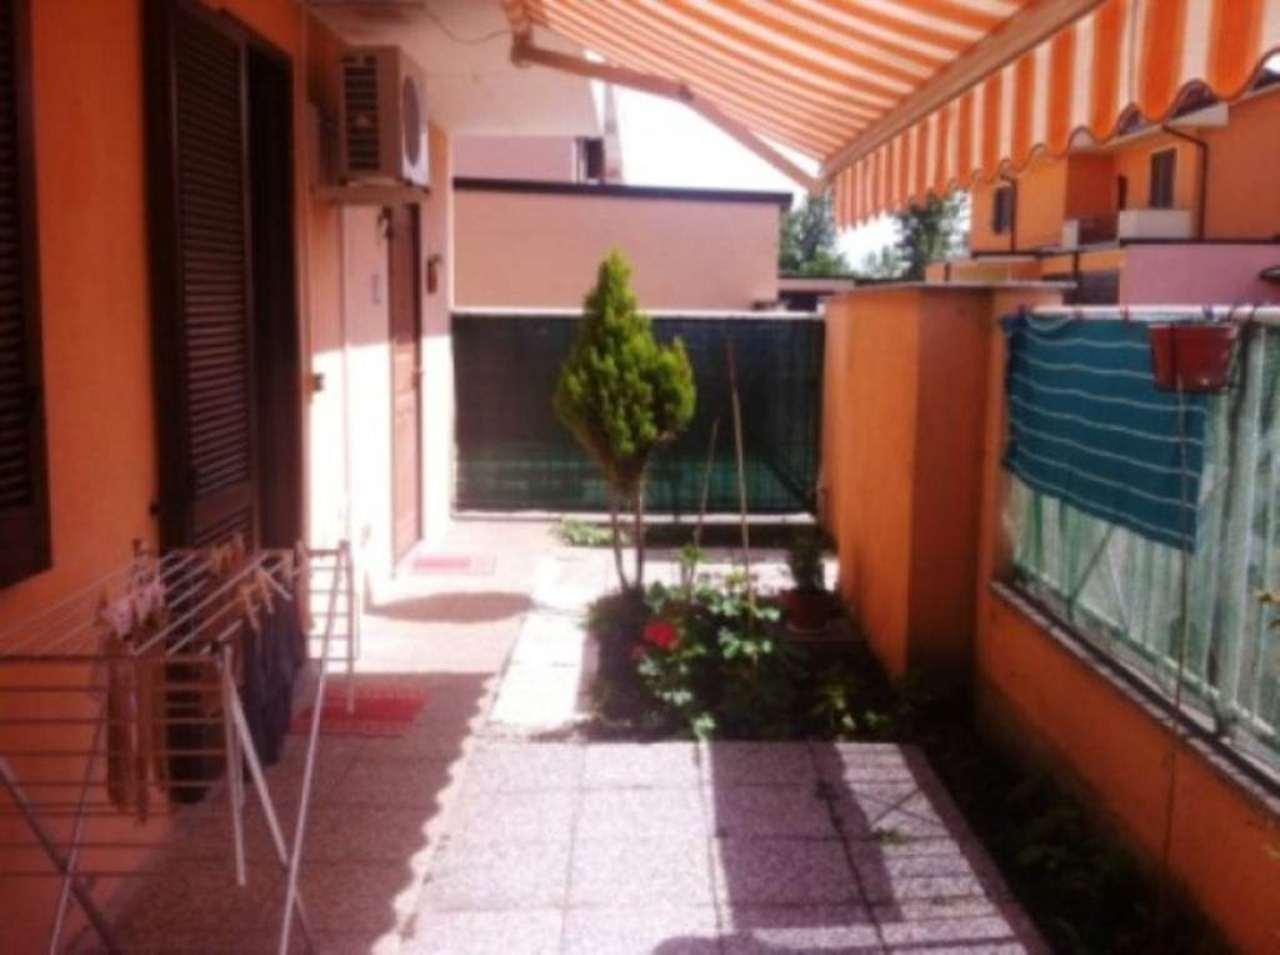 Appartamento in vendita a Tromello, 3 locali, prezzo € 90.000 | Cambio Casa.it